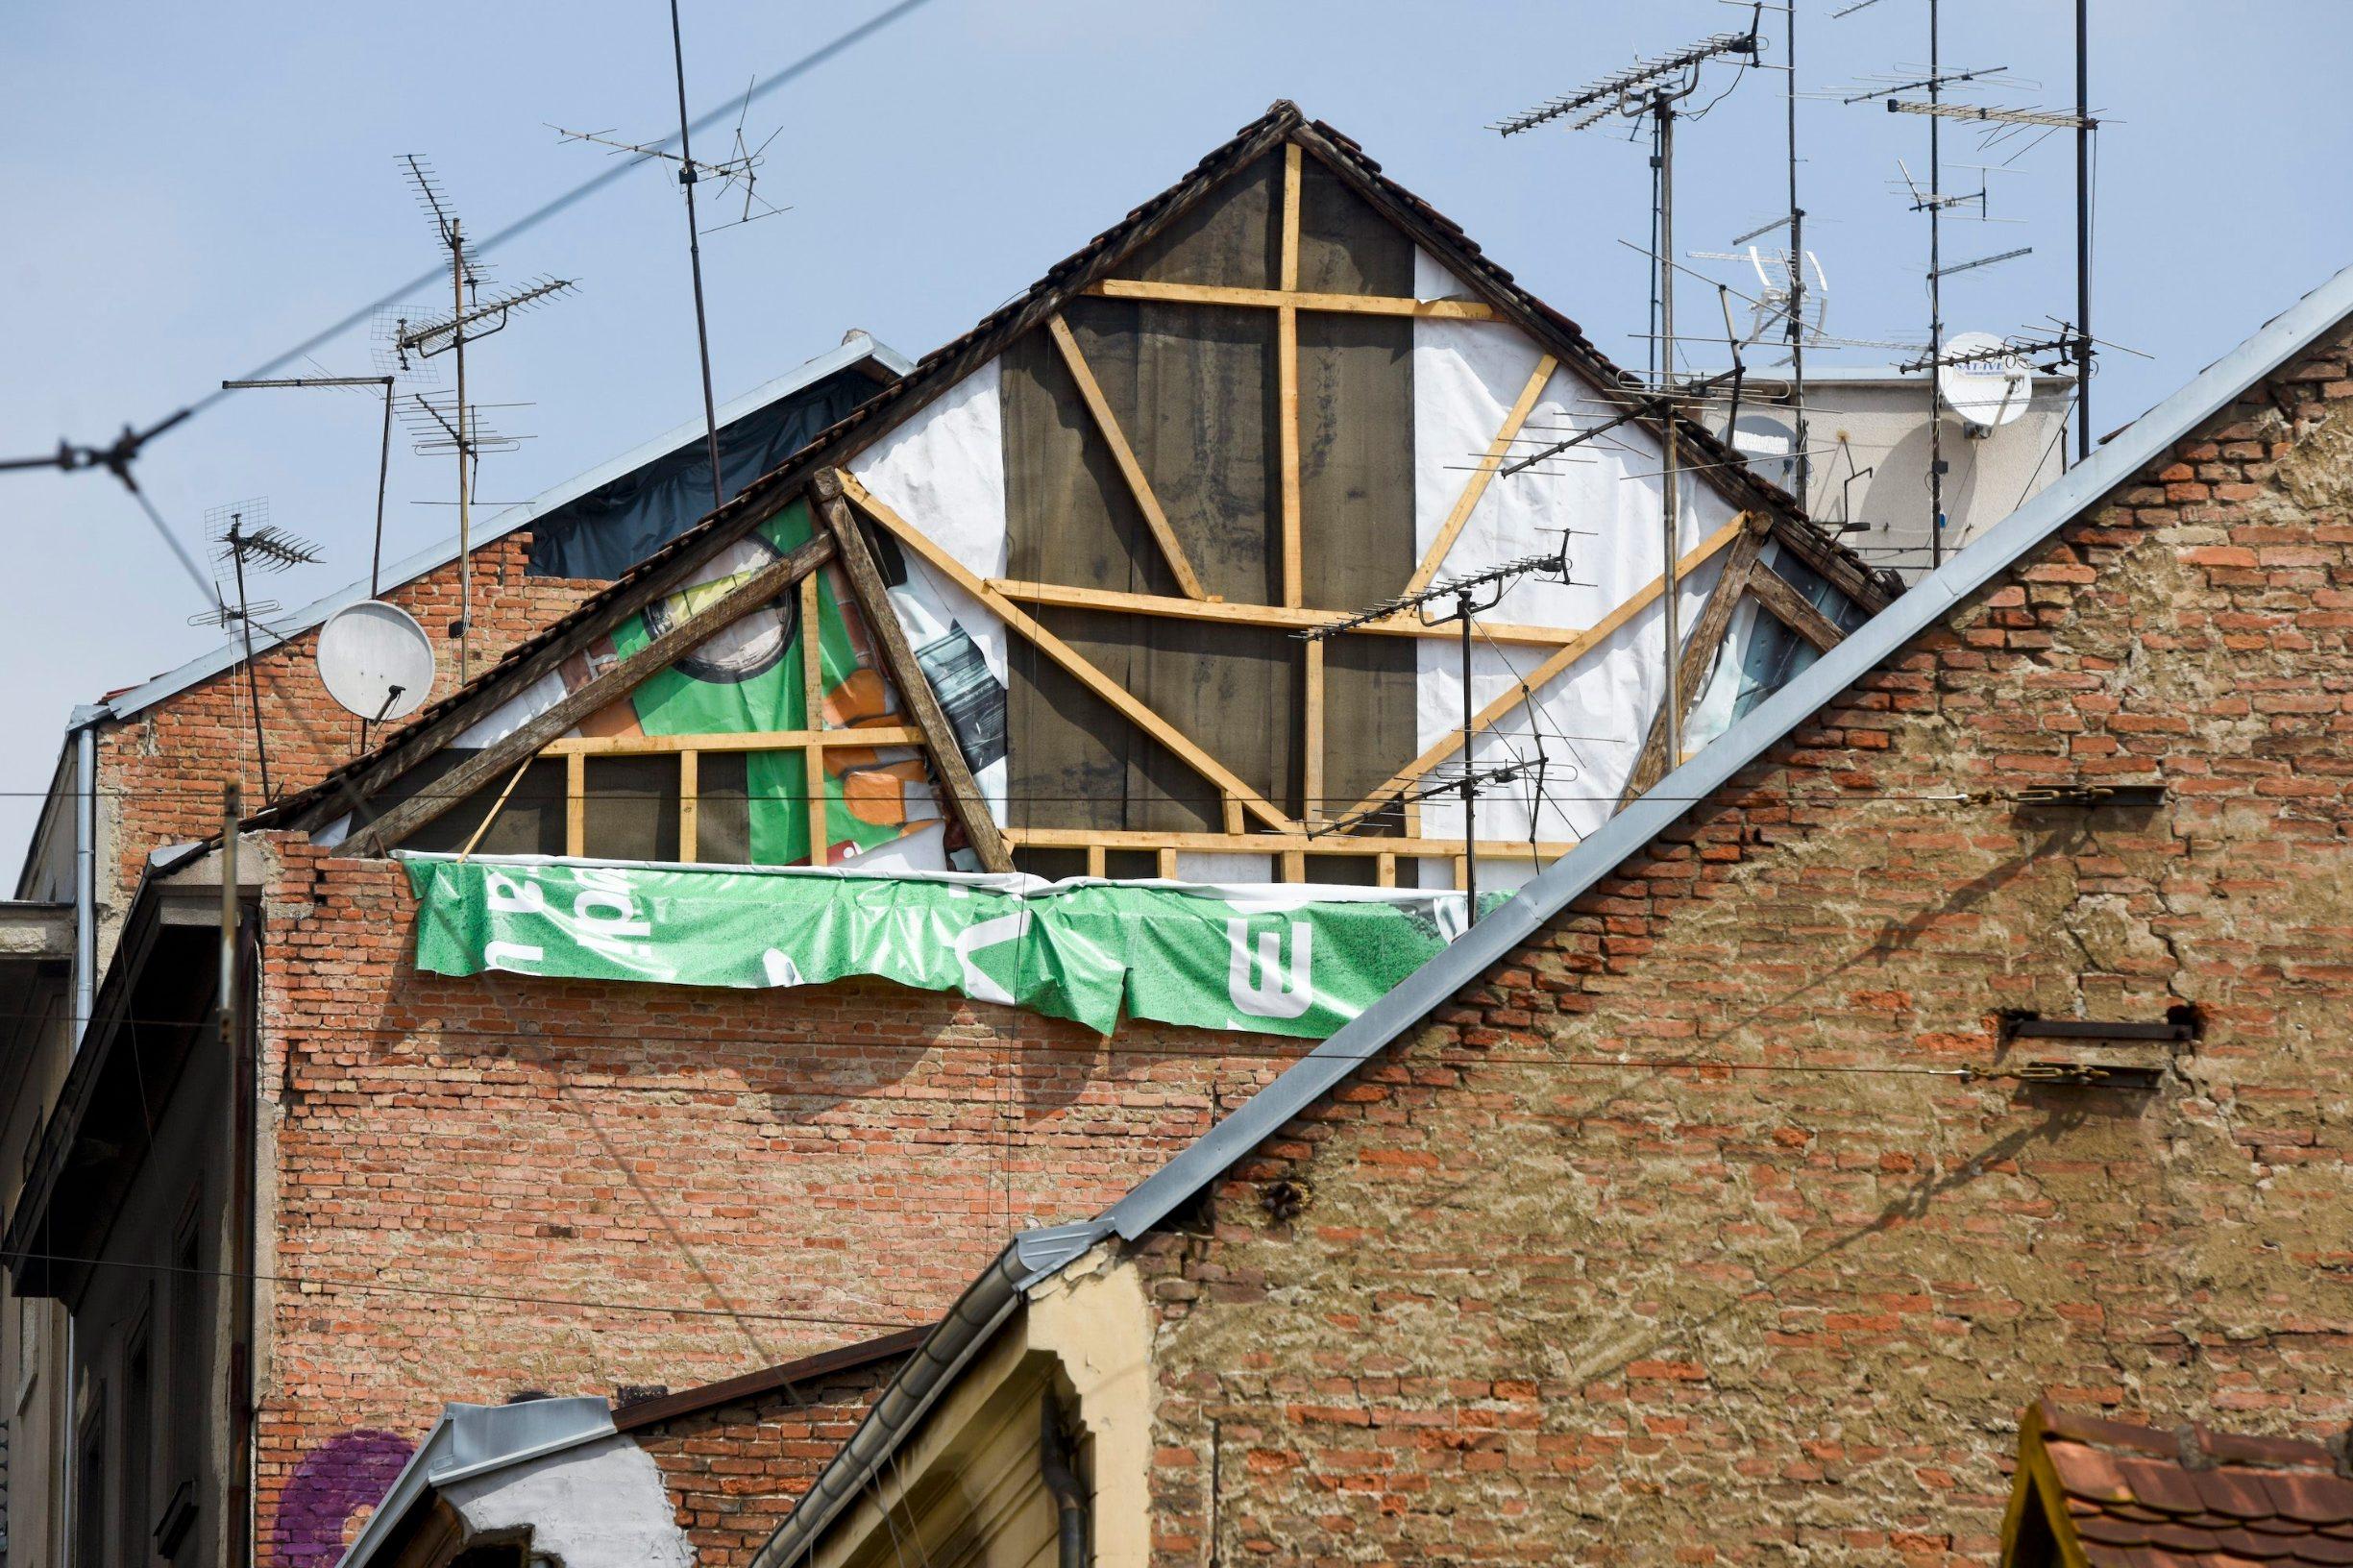 Zagreb, 170520. Centar grada. Aktualno stanje nekih zgrada stradalih u potresu koji se dogodio 22. ozujka 2020. godine. Foto: Darko Tomas / CROPIX